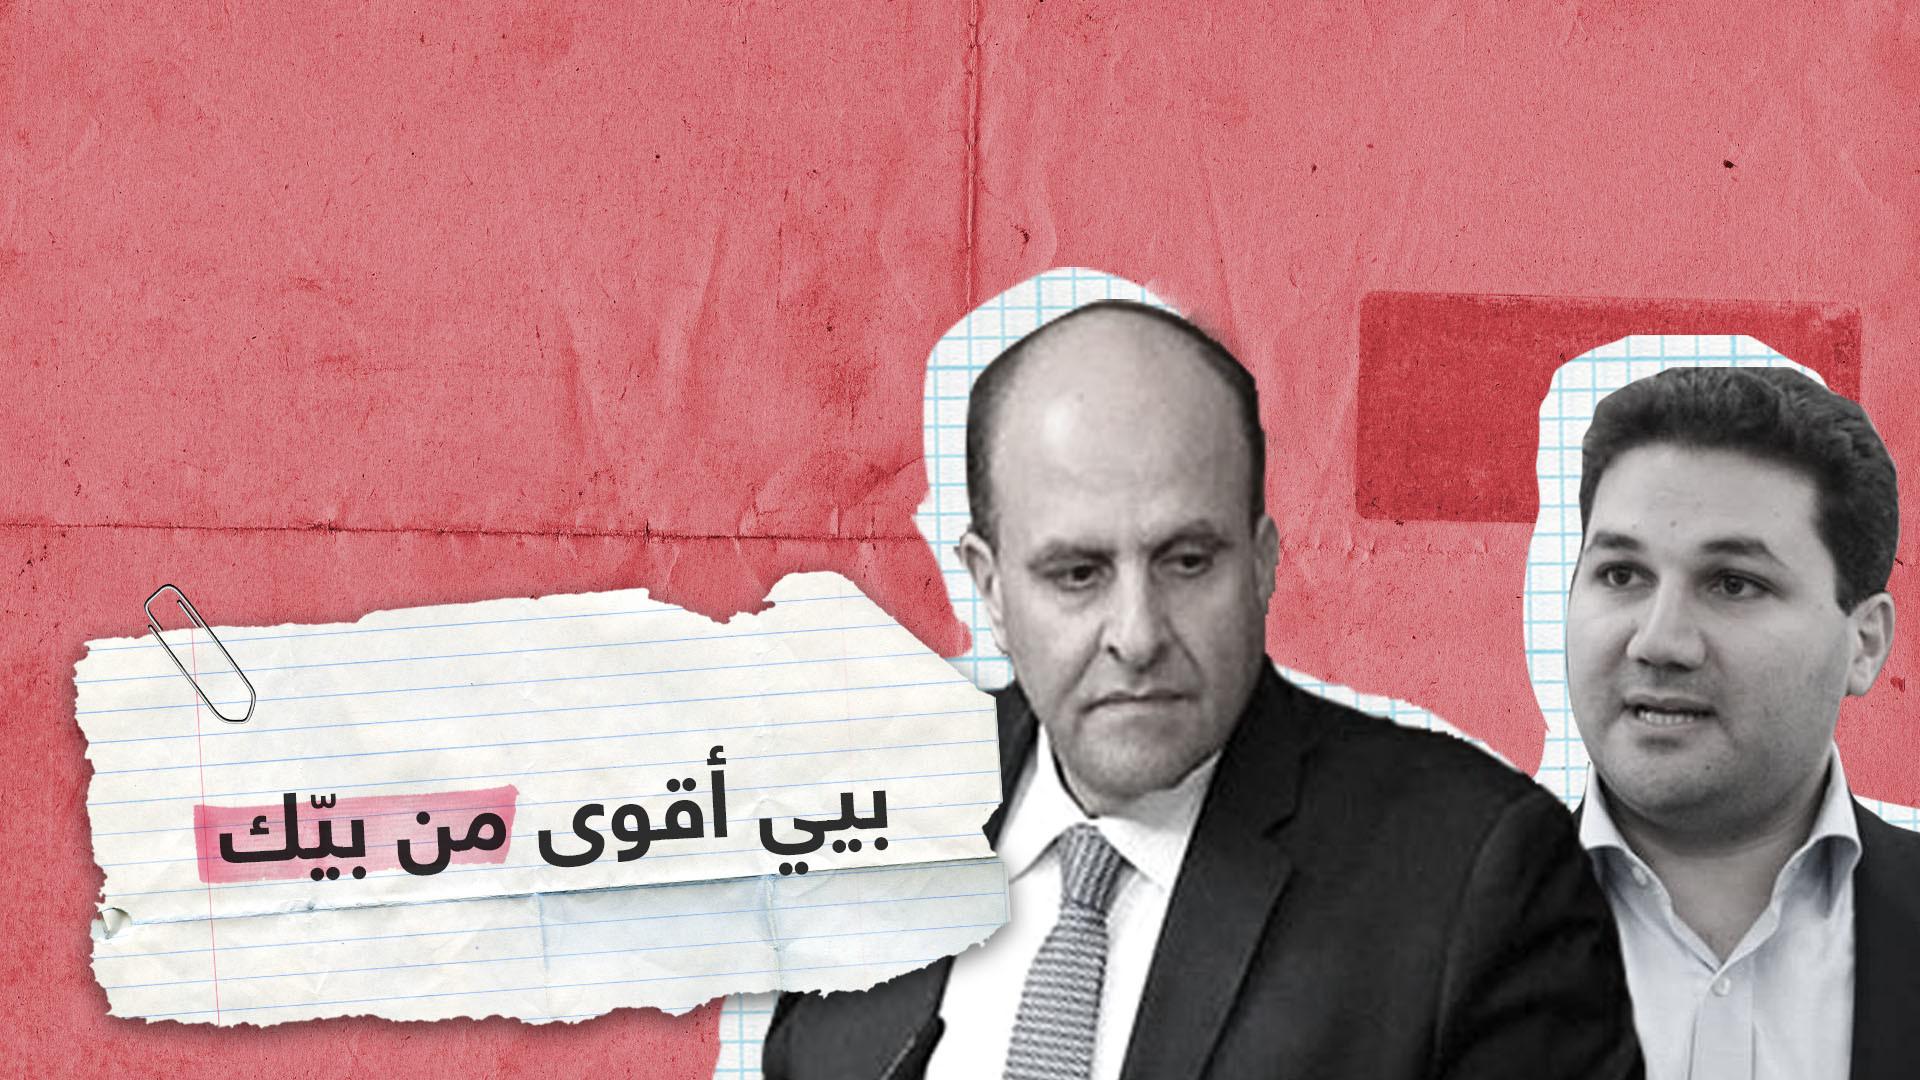 """""""روح إلعب حد البيت"""".. هذا ما حصل في مجلس النواب اللبناني"""